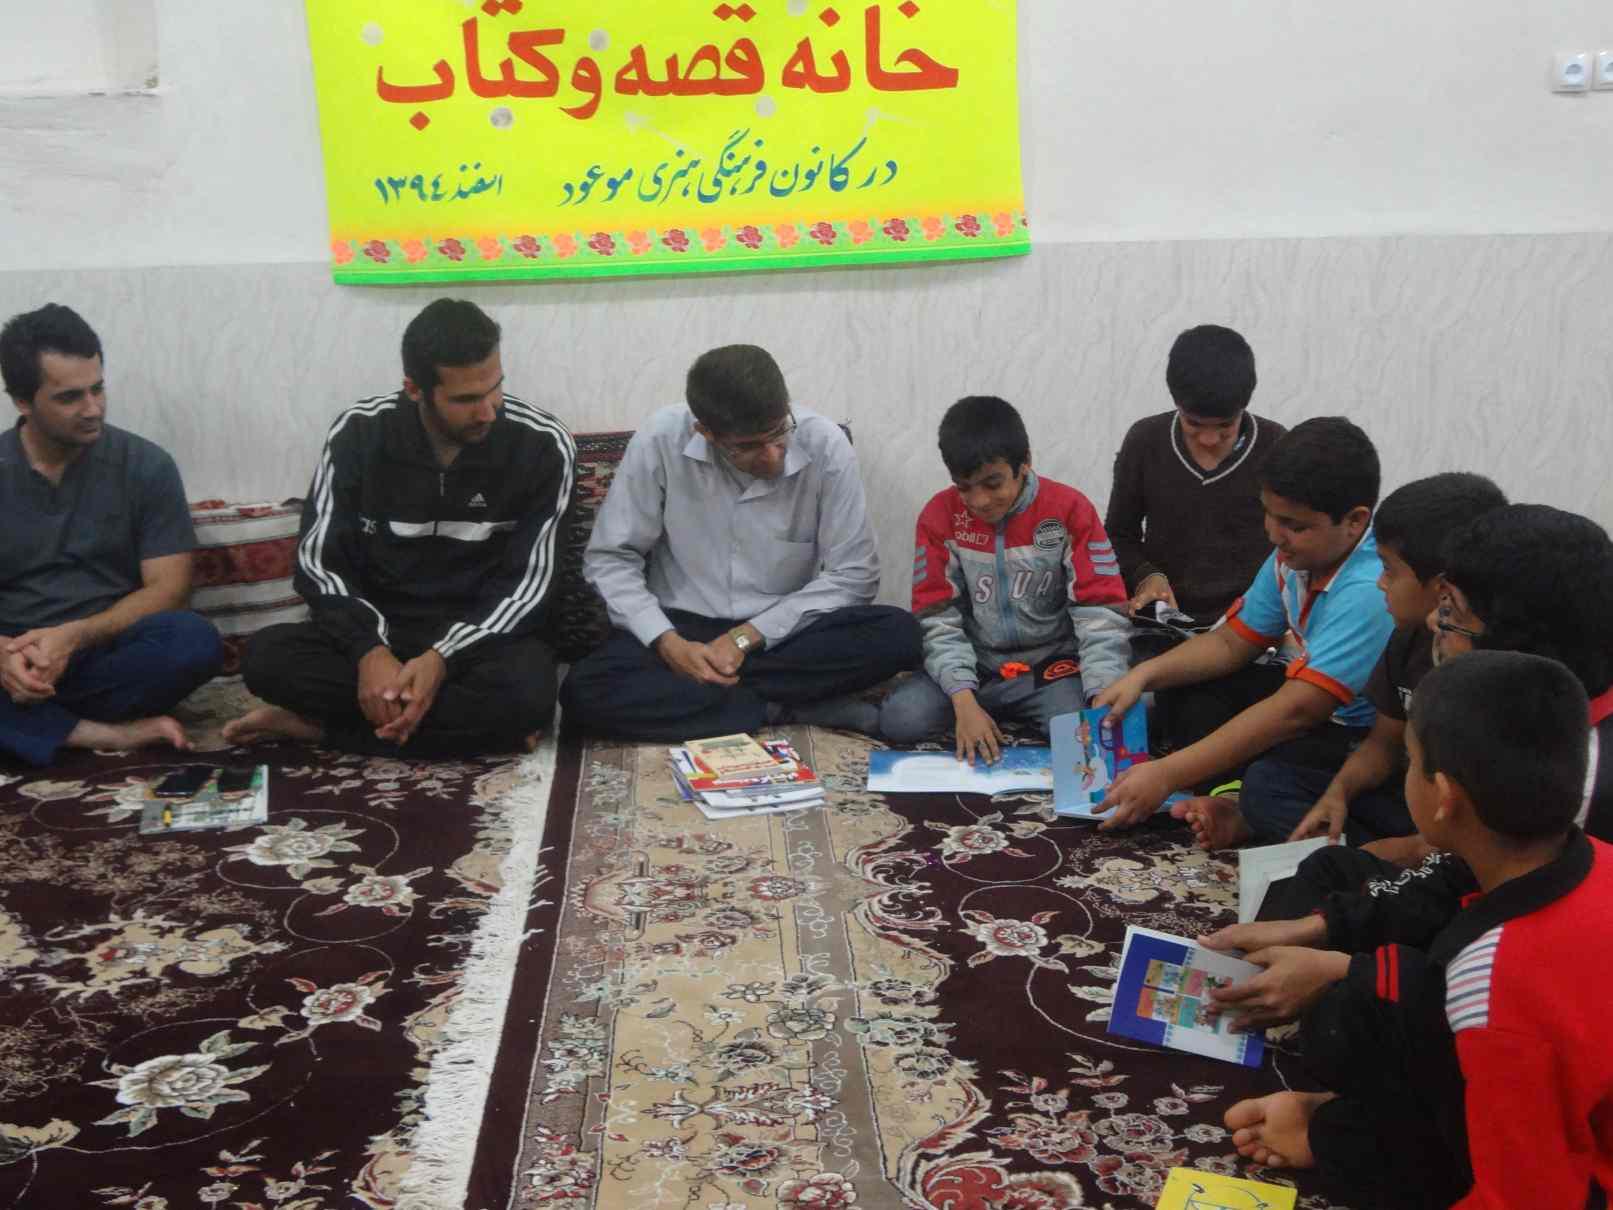 گشایش خانه قصه و کتاب در کانون فرهنگی هنری موعود (2)